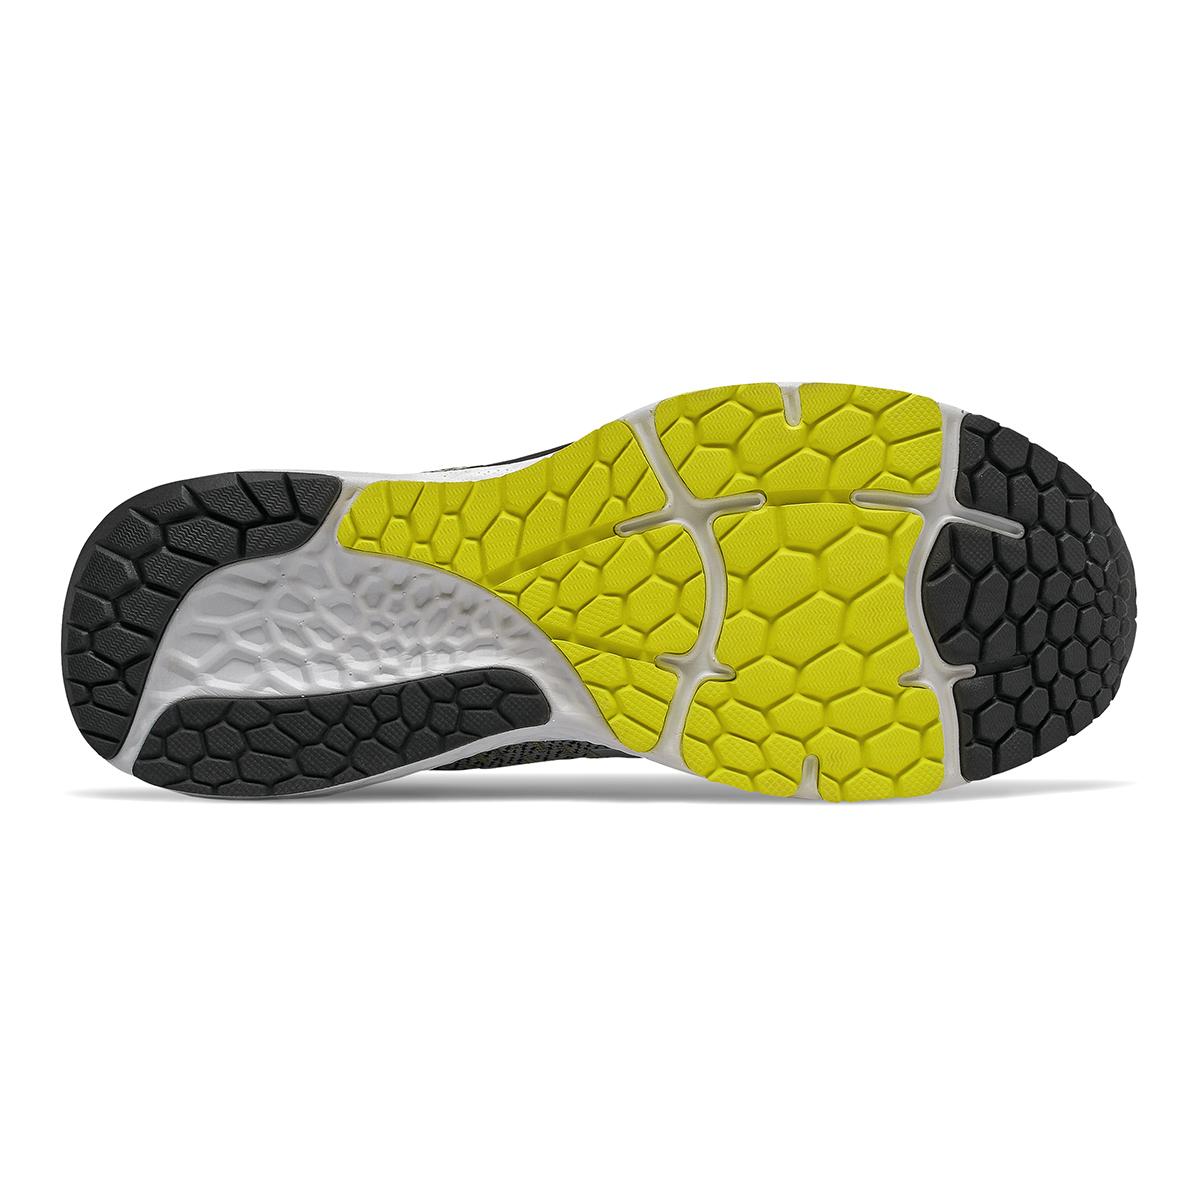 Men's New Balance 880V10 Running Shoe  - Color: Silver Mink / Lemon Slush (Wide Width) - Size: 9, Silver Mink / Lemon Slush, large, image 3